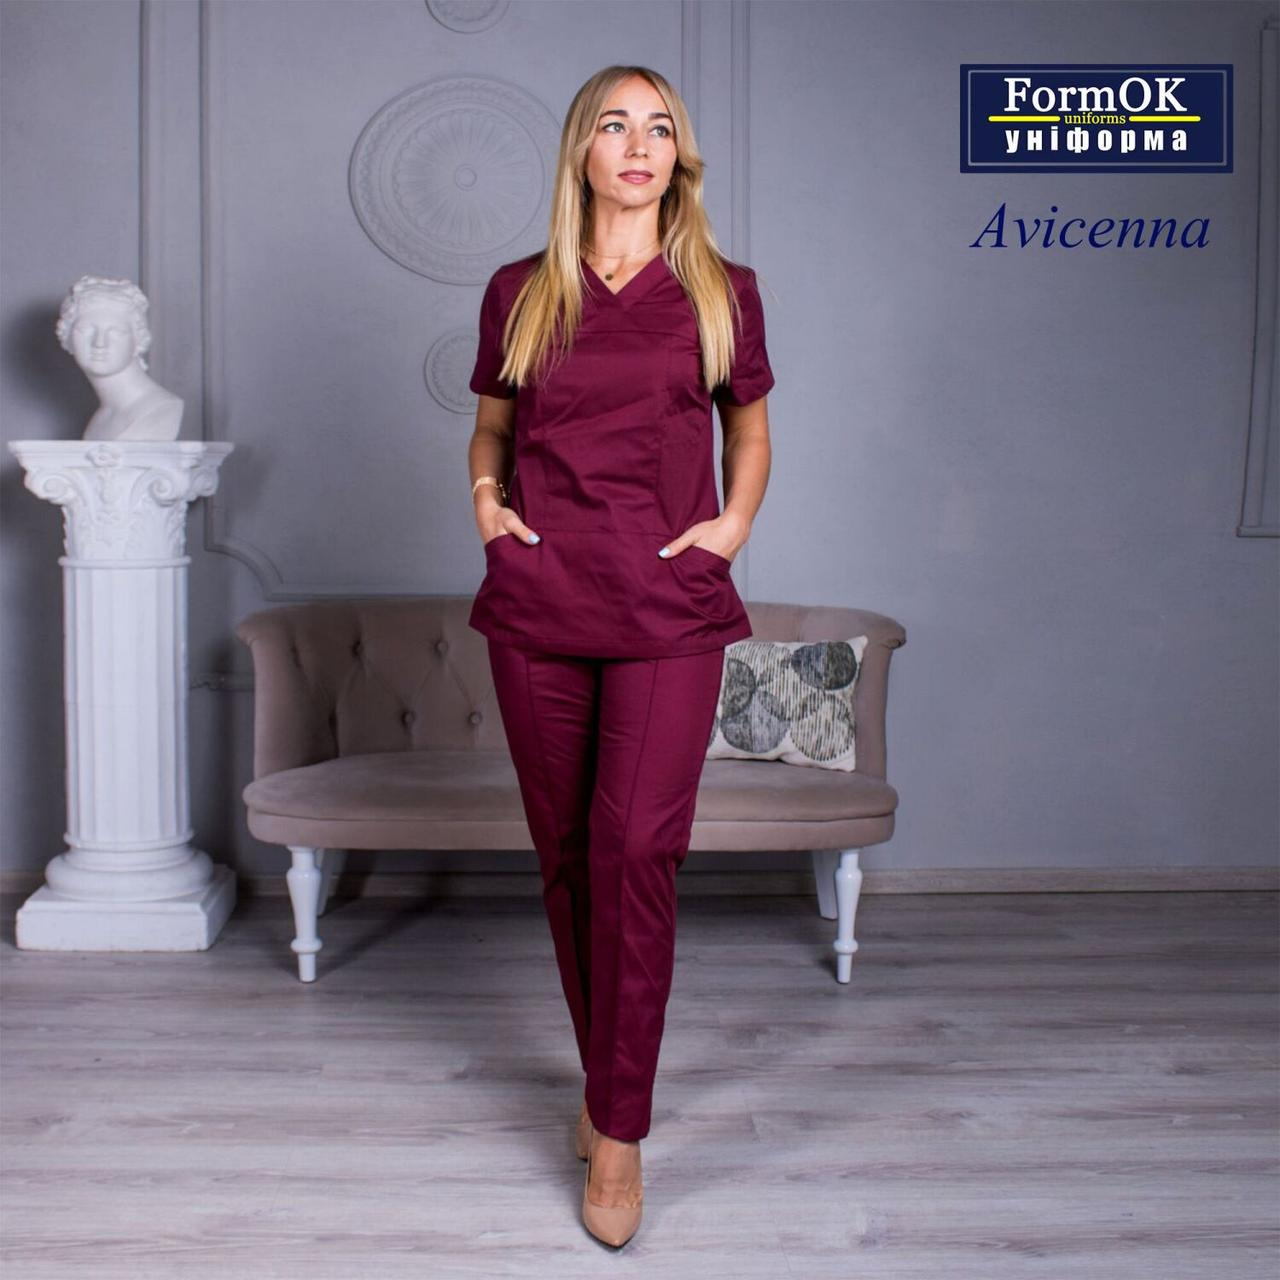 Женские медицинские костюмы Avicenna бордовый, 46